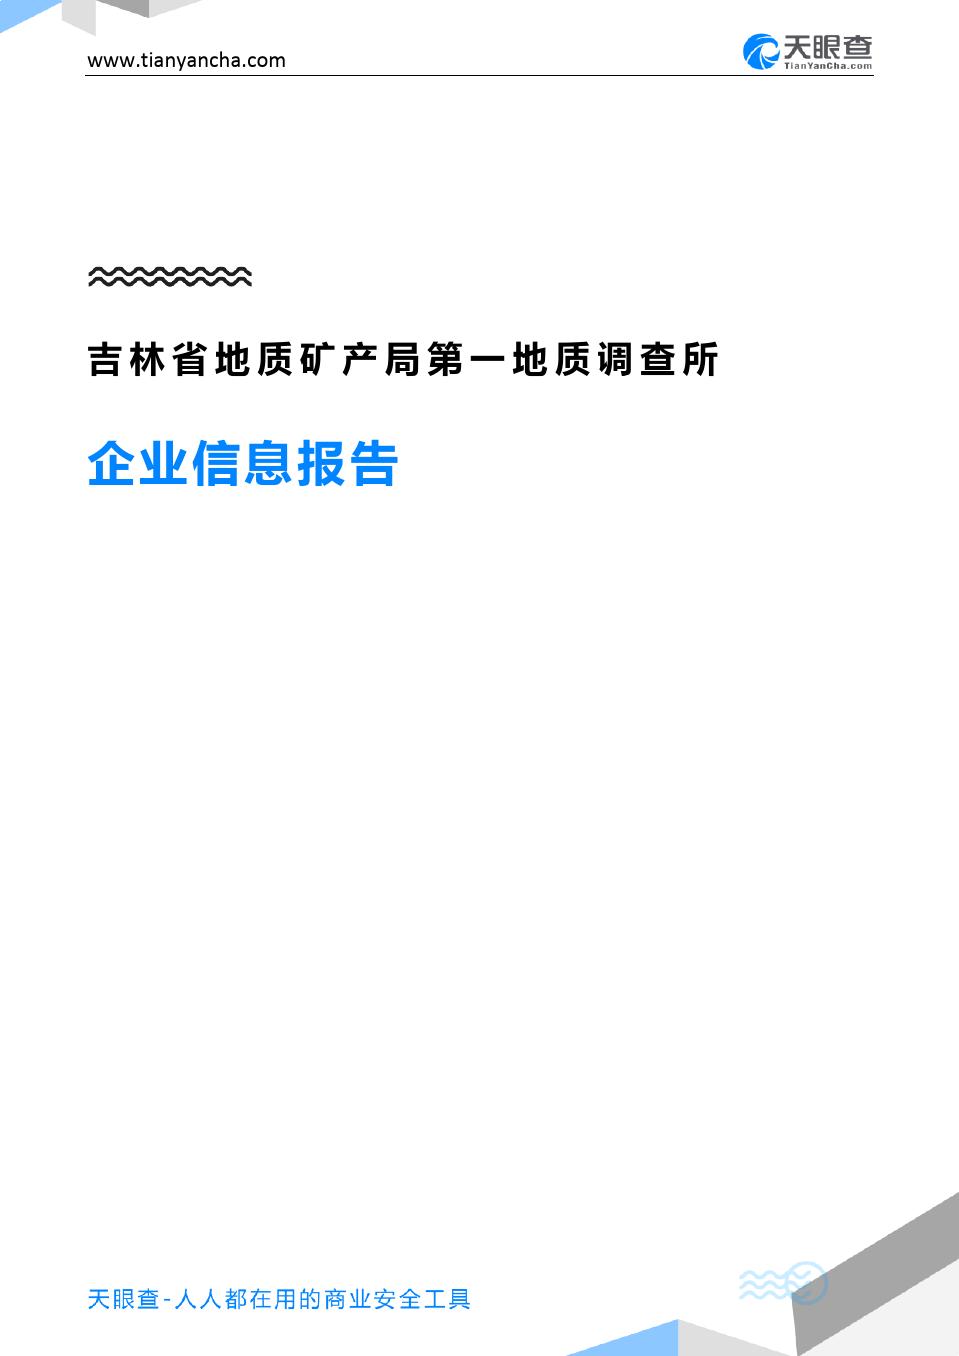 吉林省地质矿产局第一地质调查所企业信息报告-天眼查